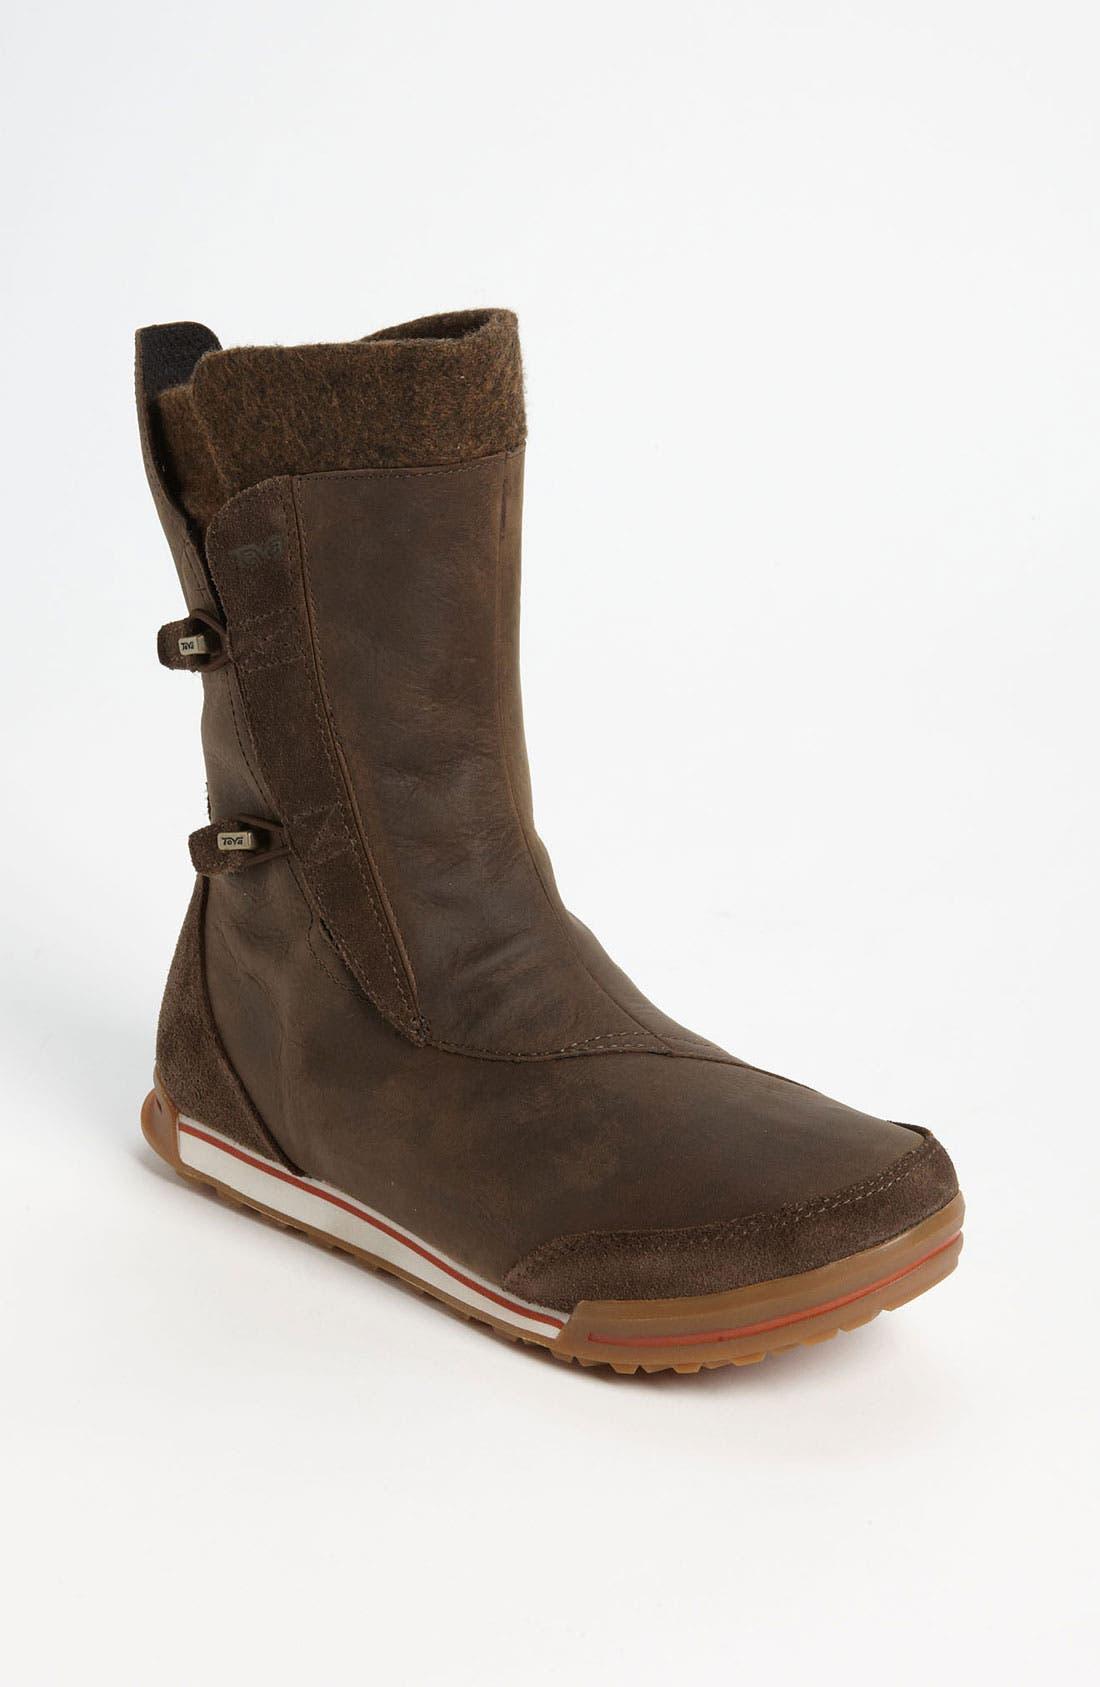 Alternate Image 1 Selected - Teva 'Hayley' Waterproof Boot